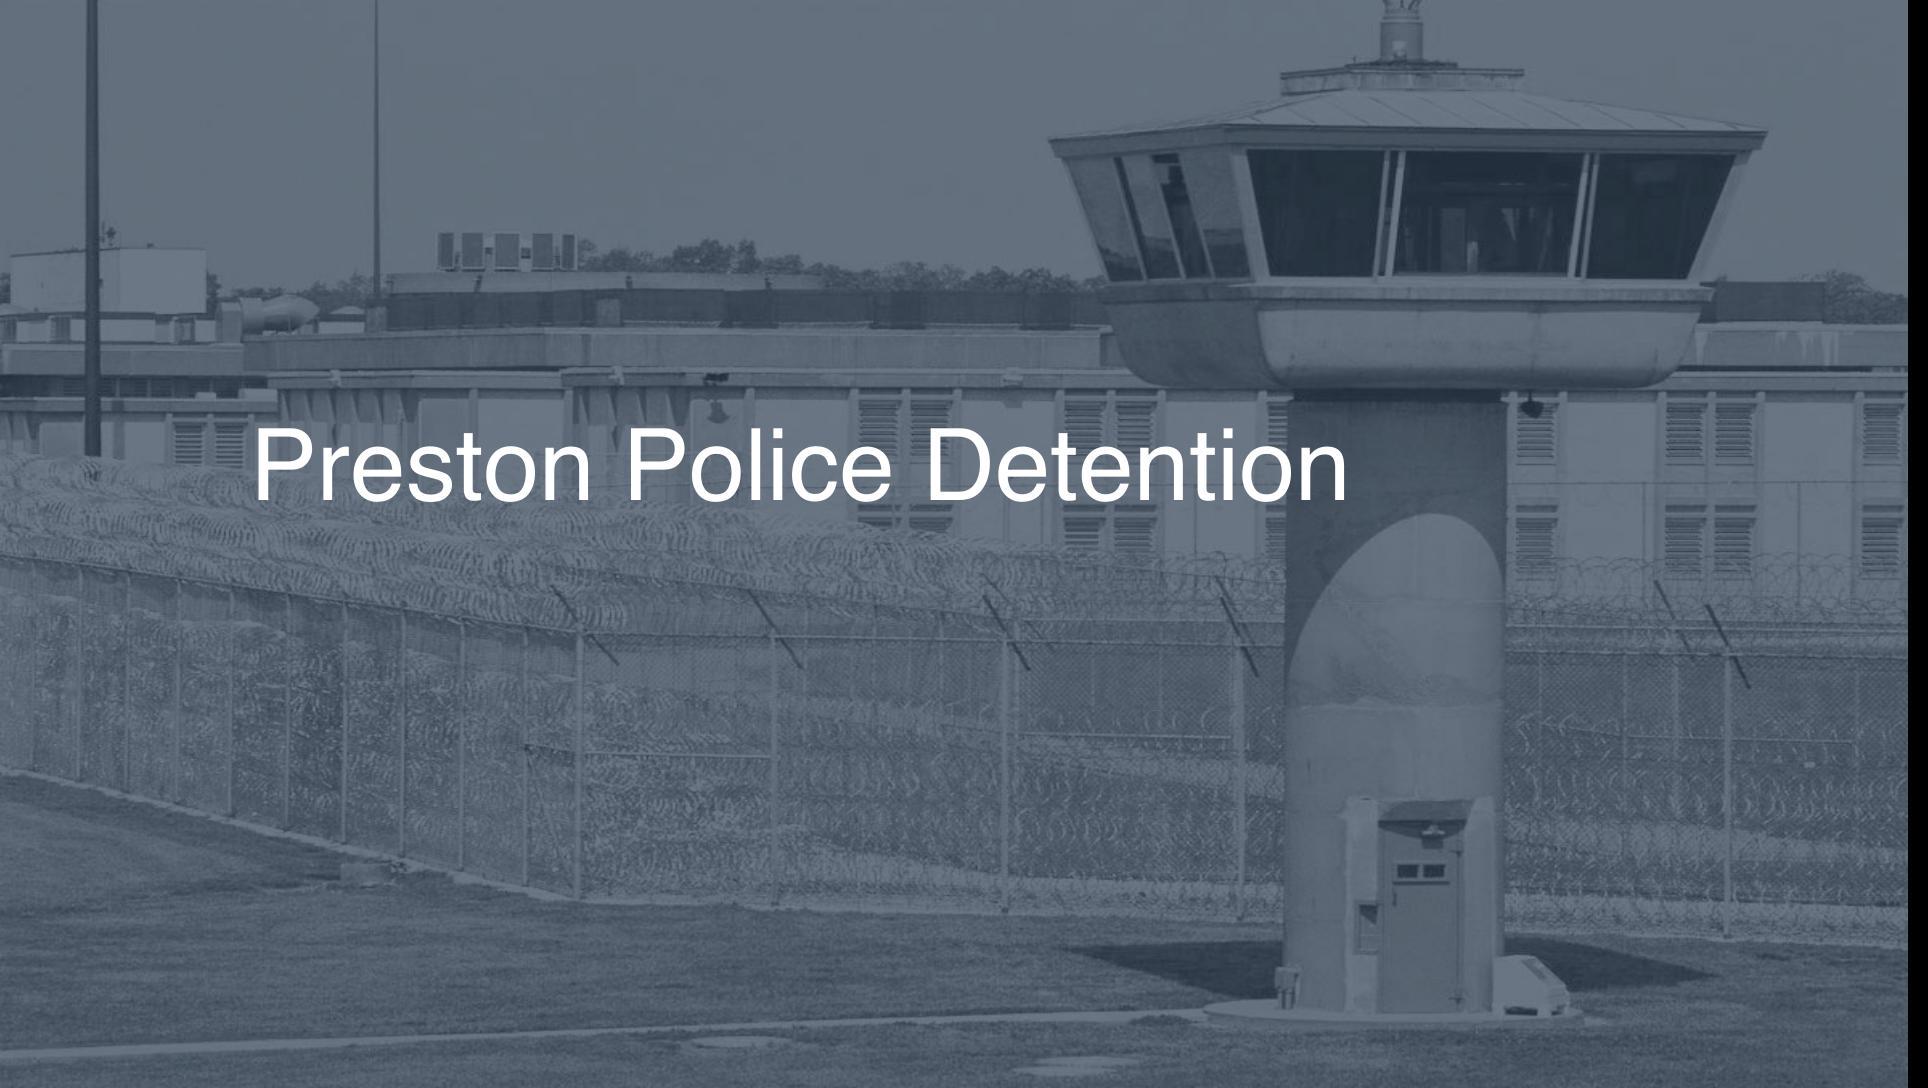 Preston Police Detention correctional facility picture